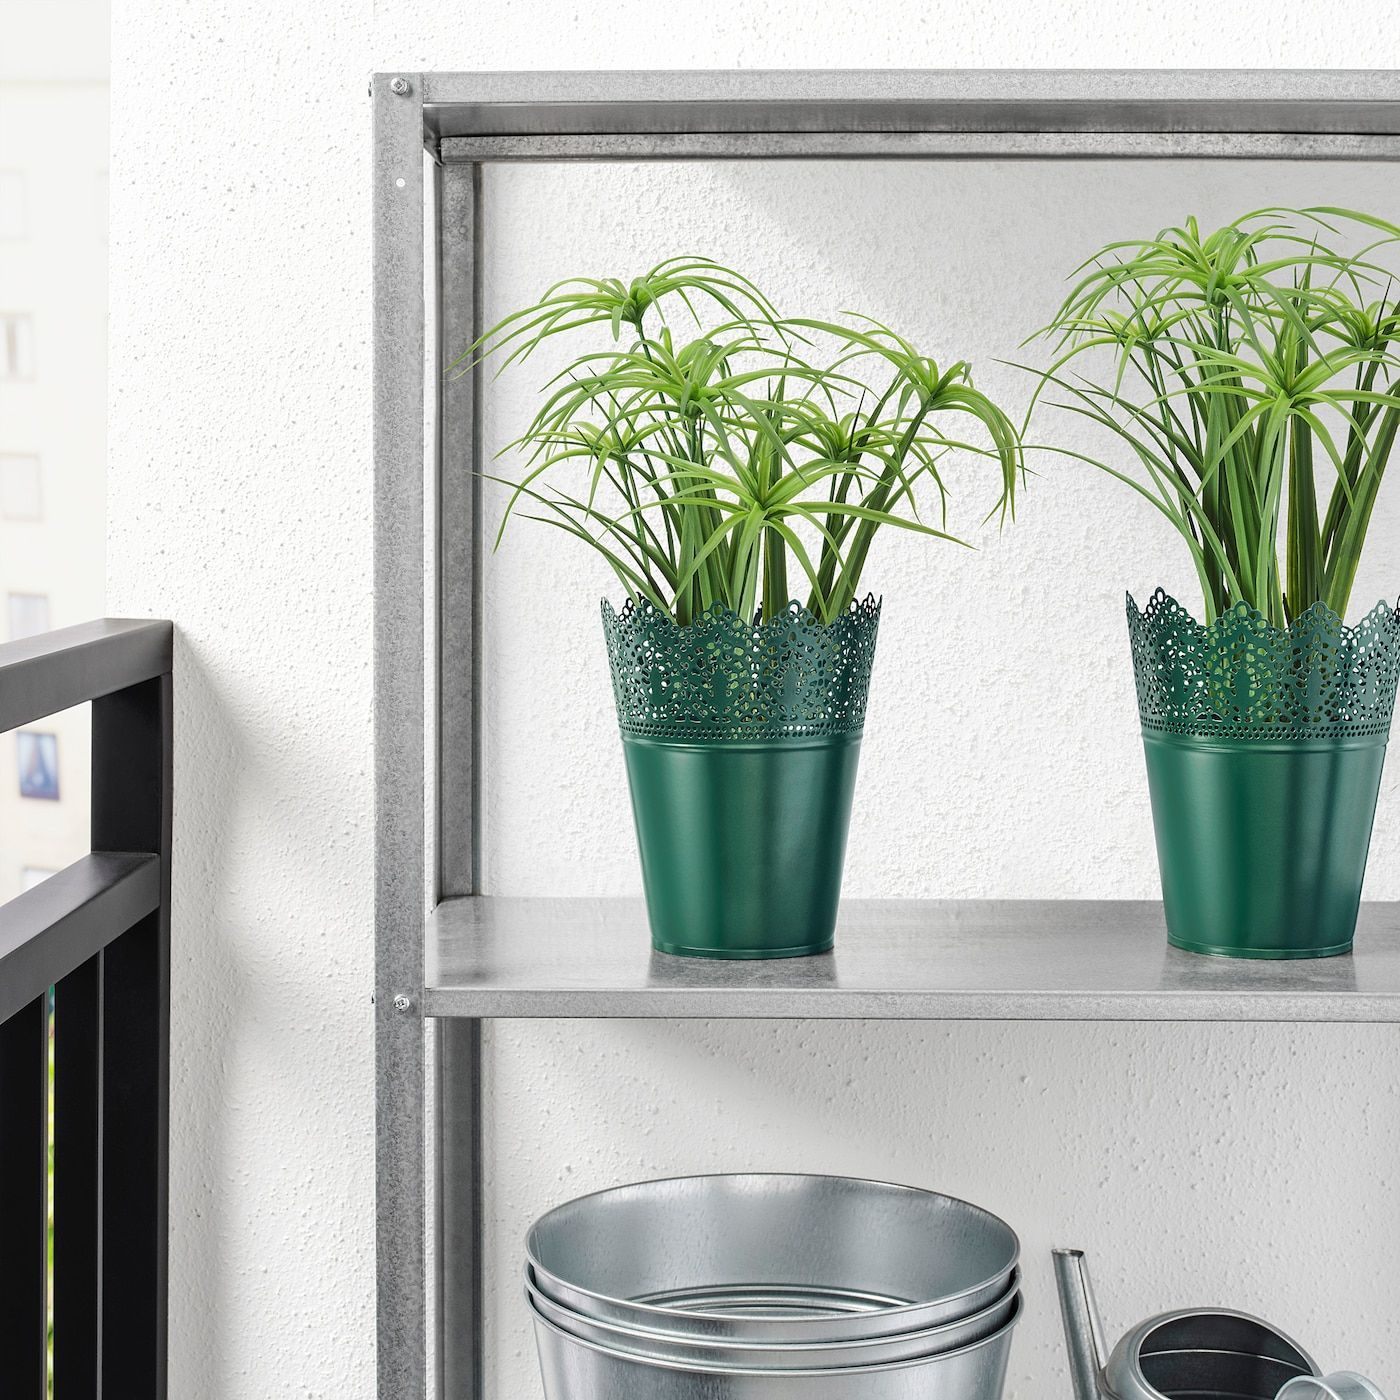 Skurar Plant Pot Indoor Outdoor Dark Green Ikea In 2020 Potted Plants Indoor Plant Pots Plants